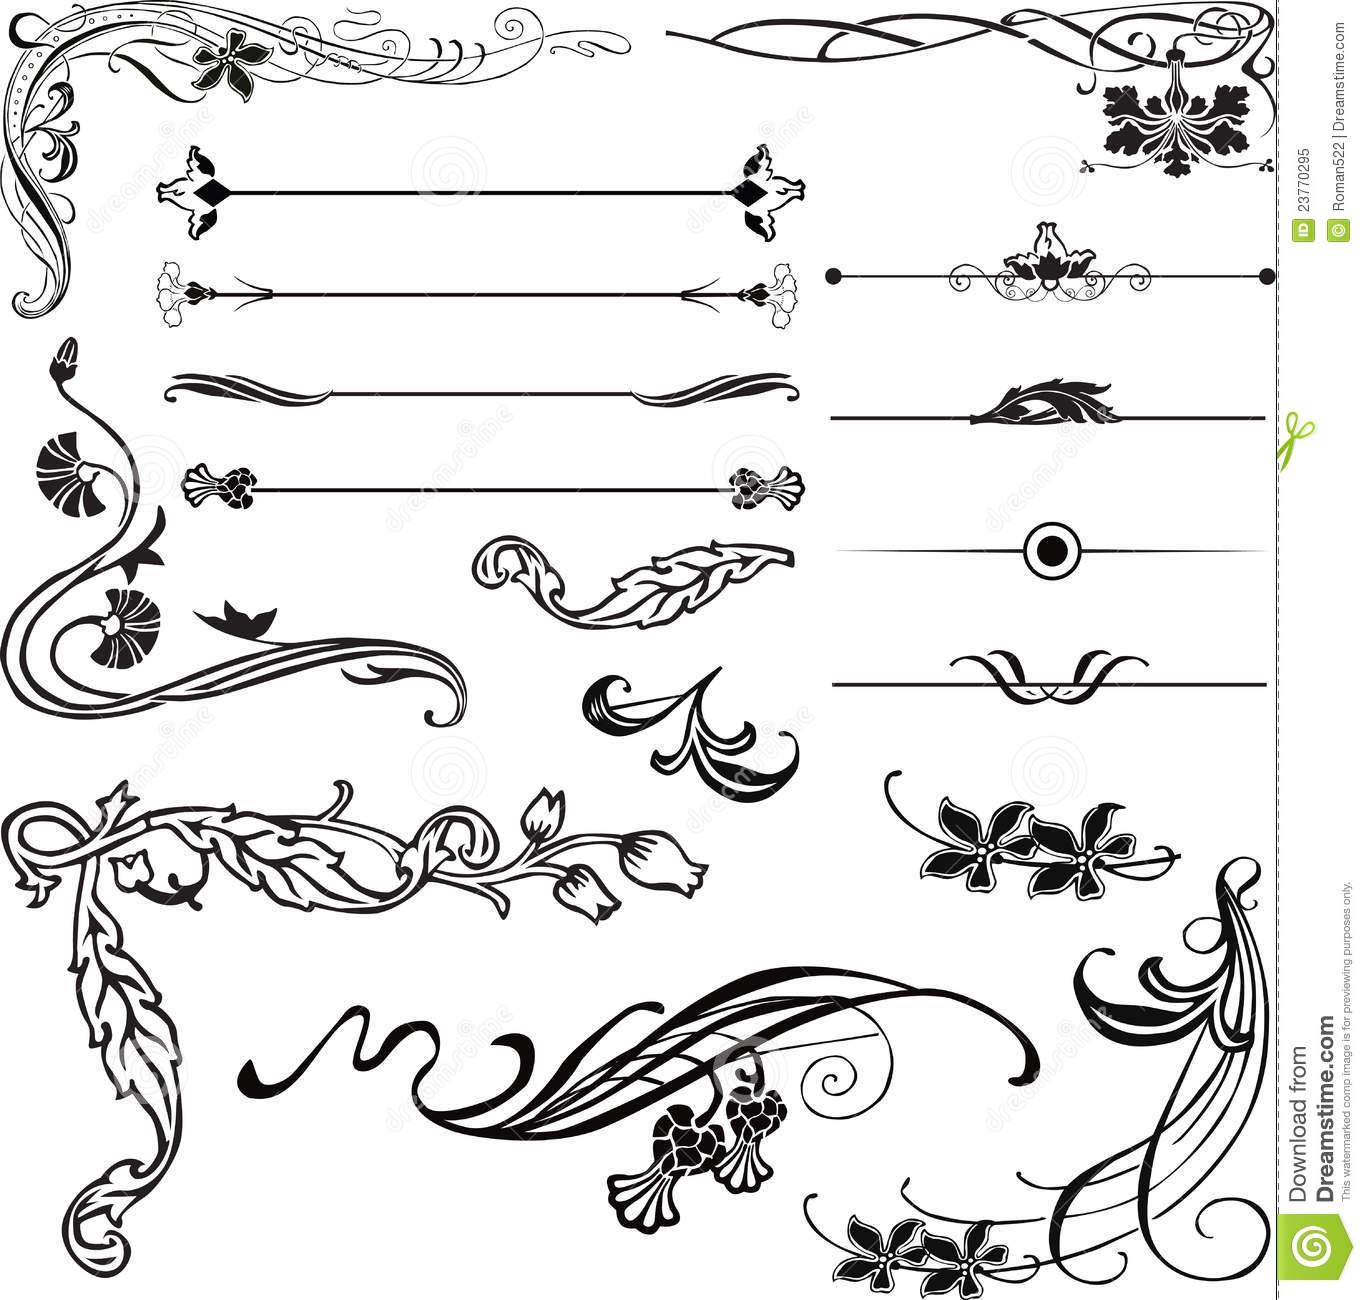 Lines clipart art deco Corners Decorative nouveau corners Decorative